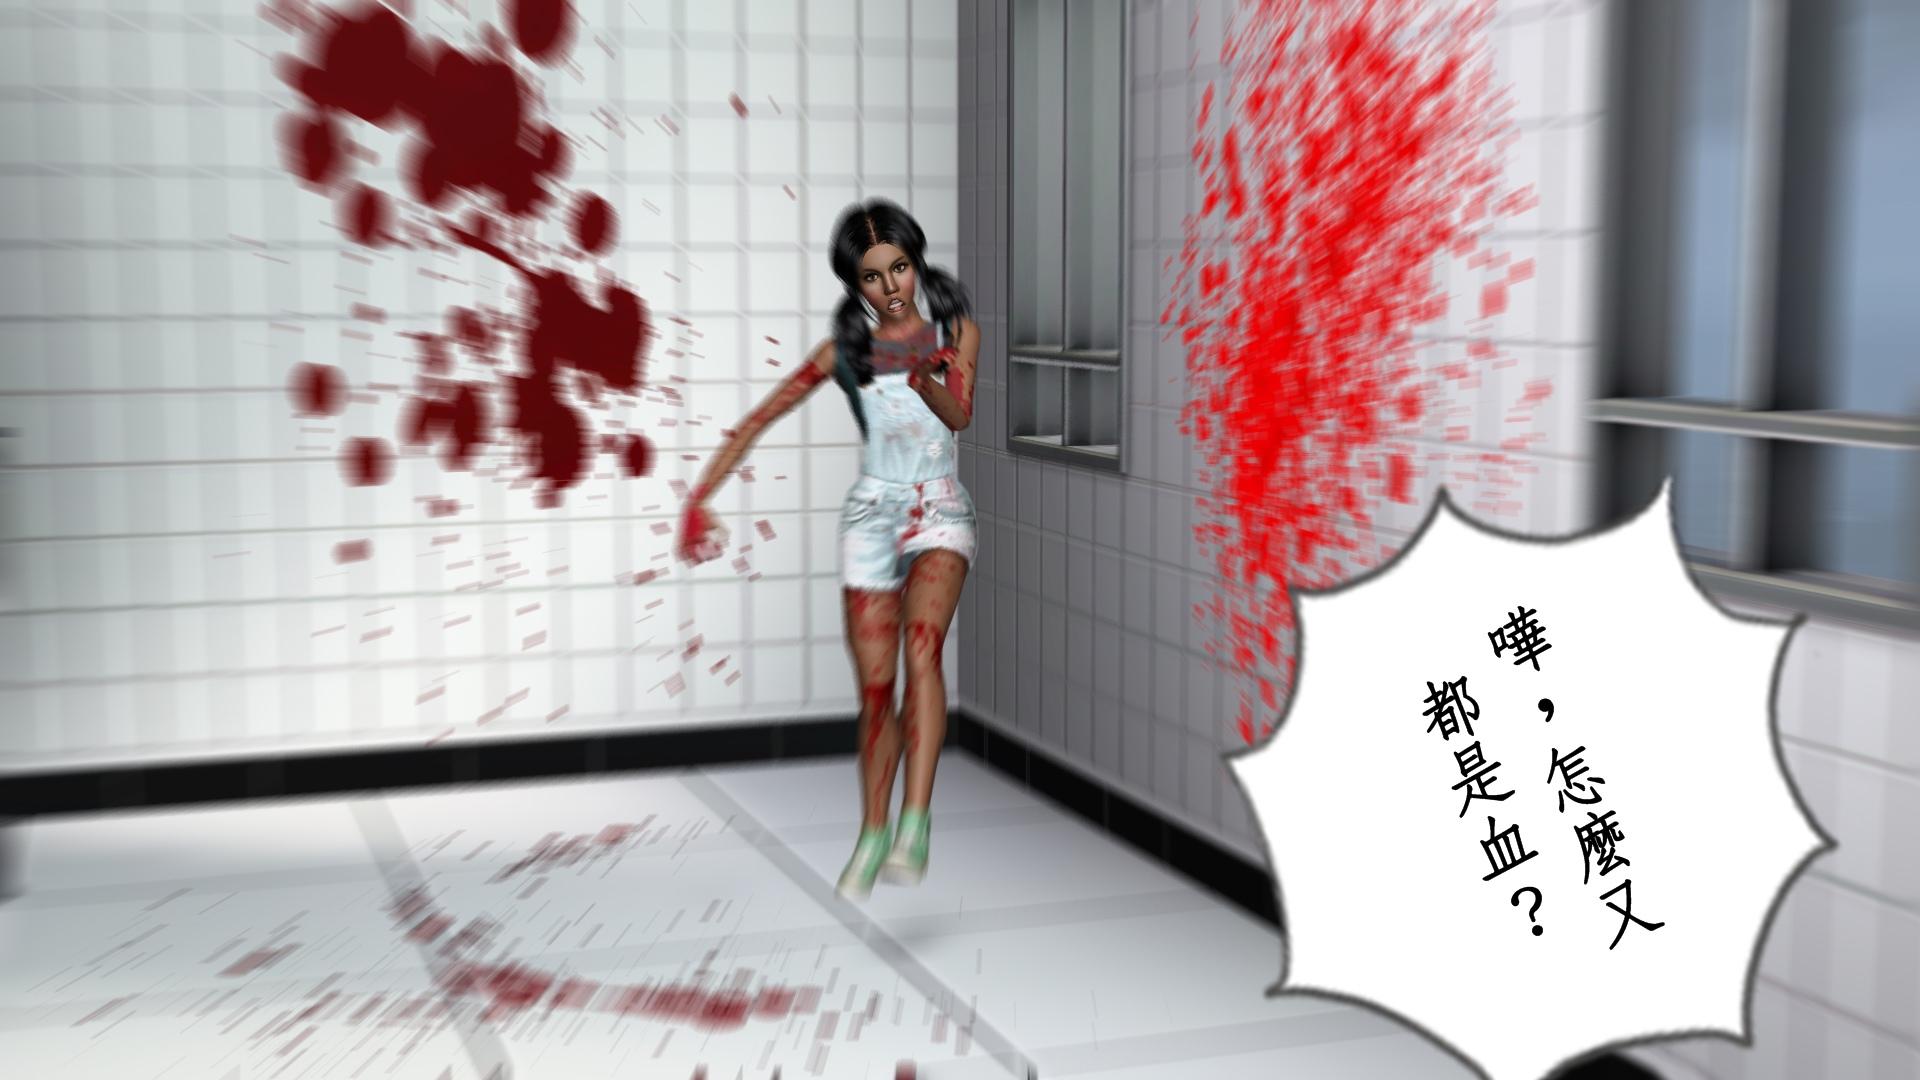 D09嘩...怎麼又都是血?.jpg